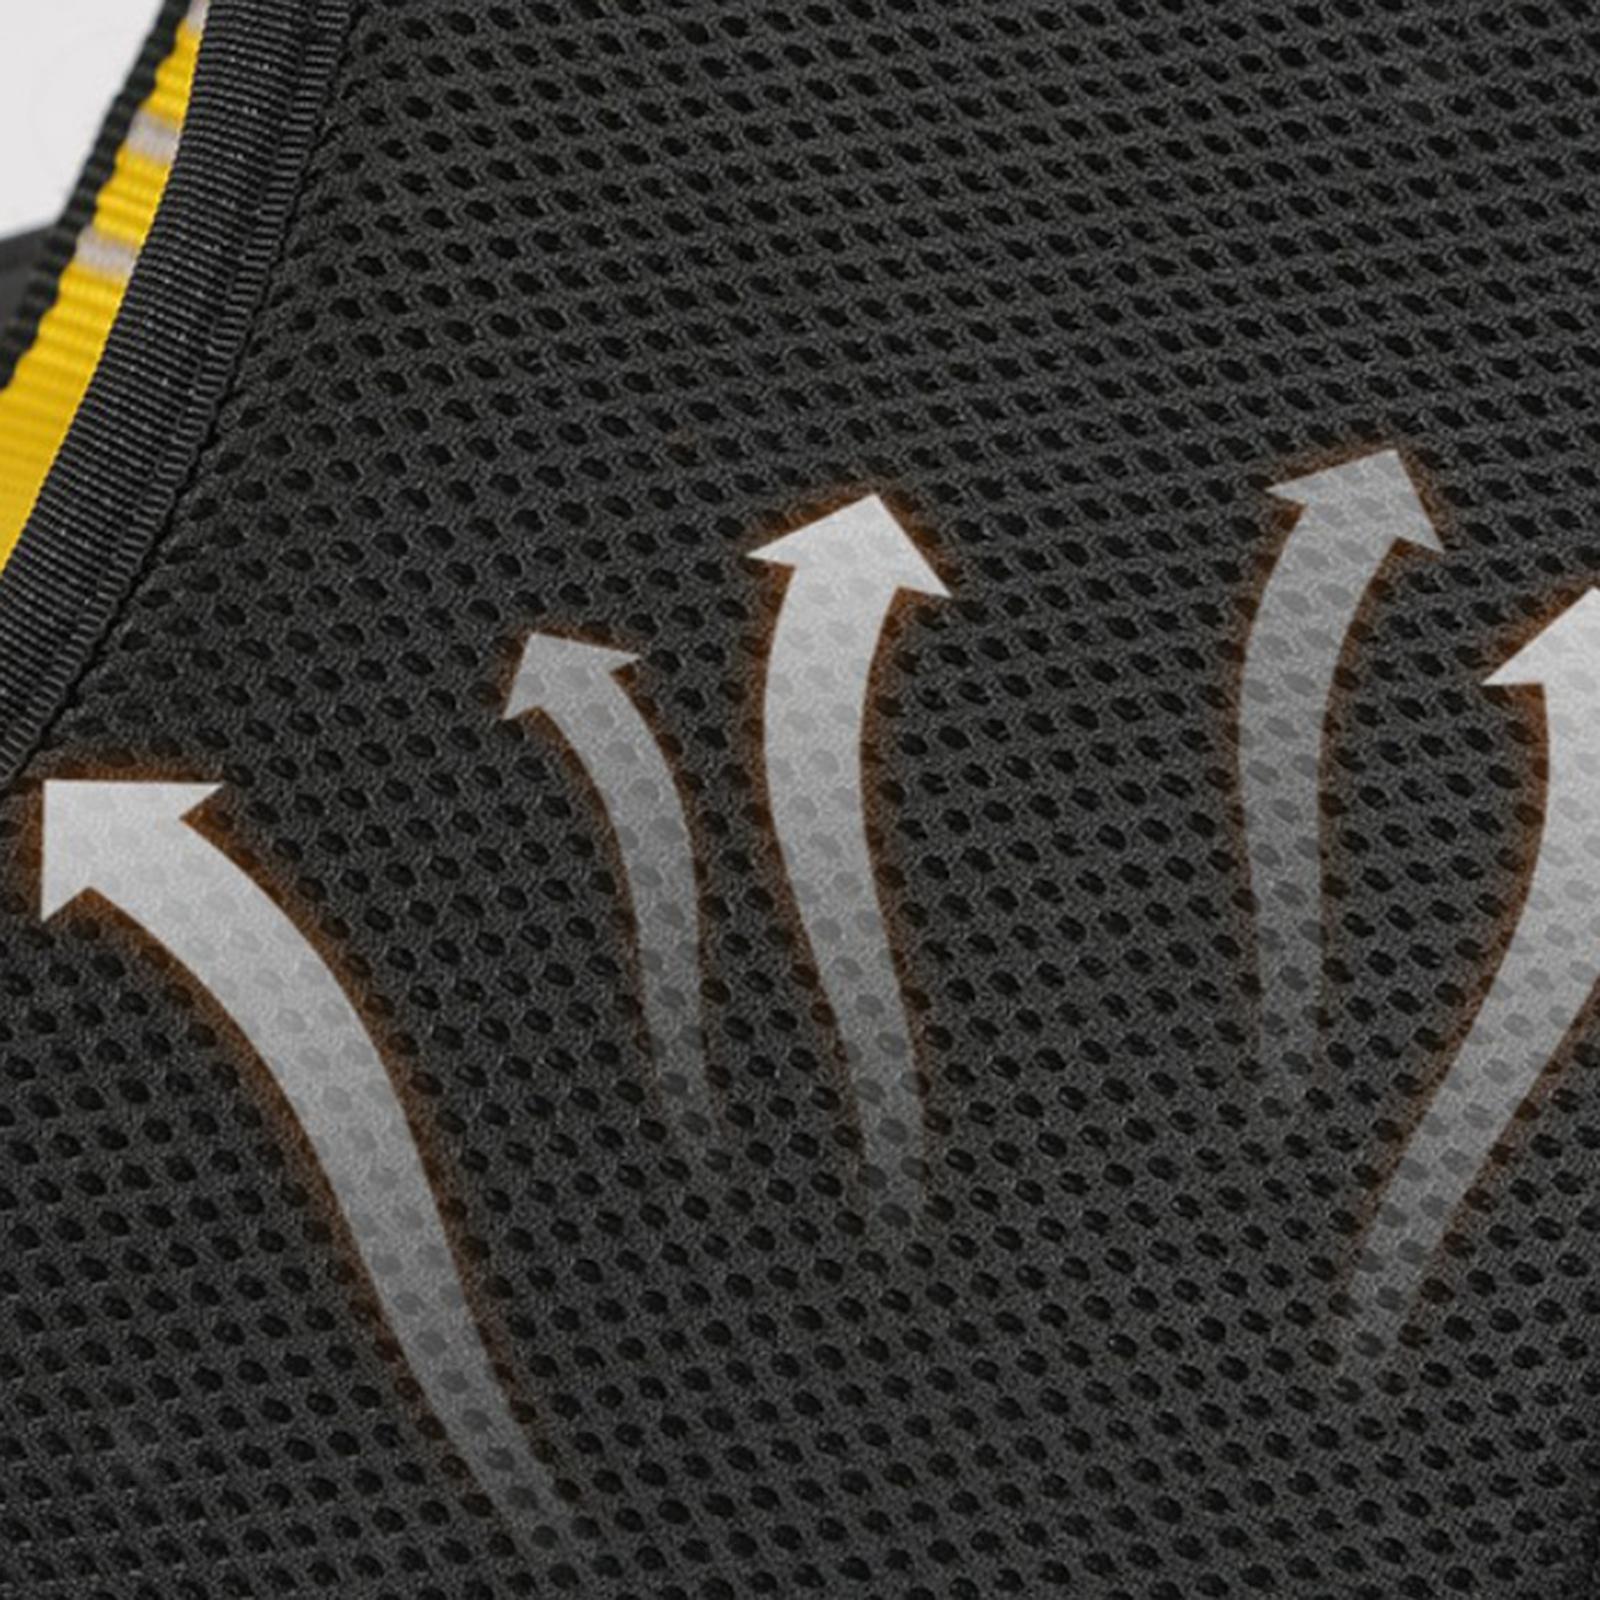 Indexbild 4 - Ganzkörper kletter gurt lager 25kn, sicherheits brustgurt gurt baum klettern